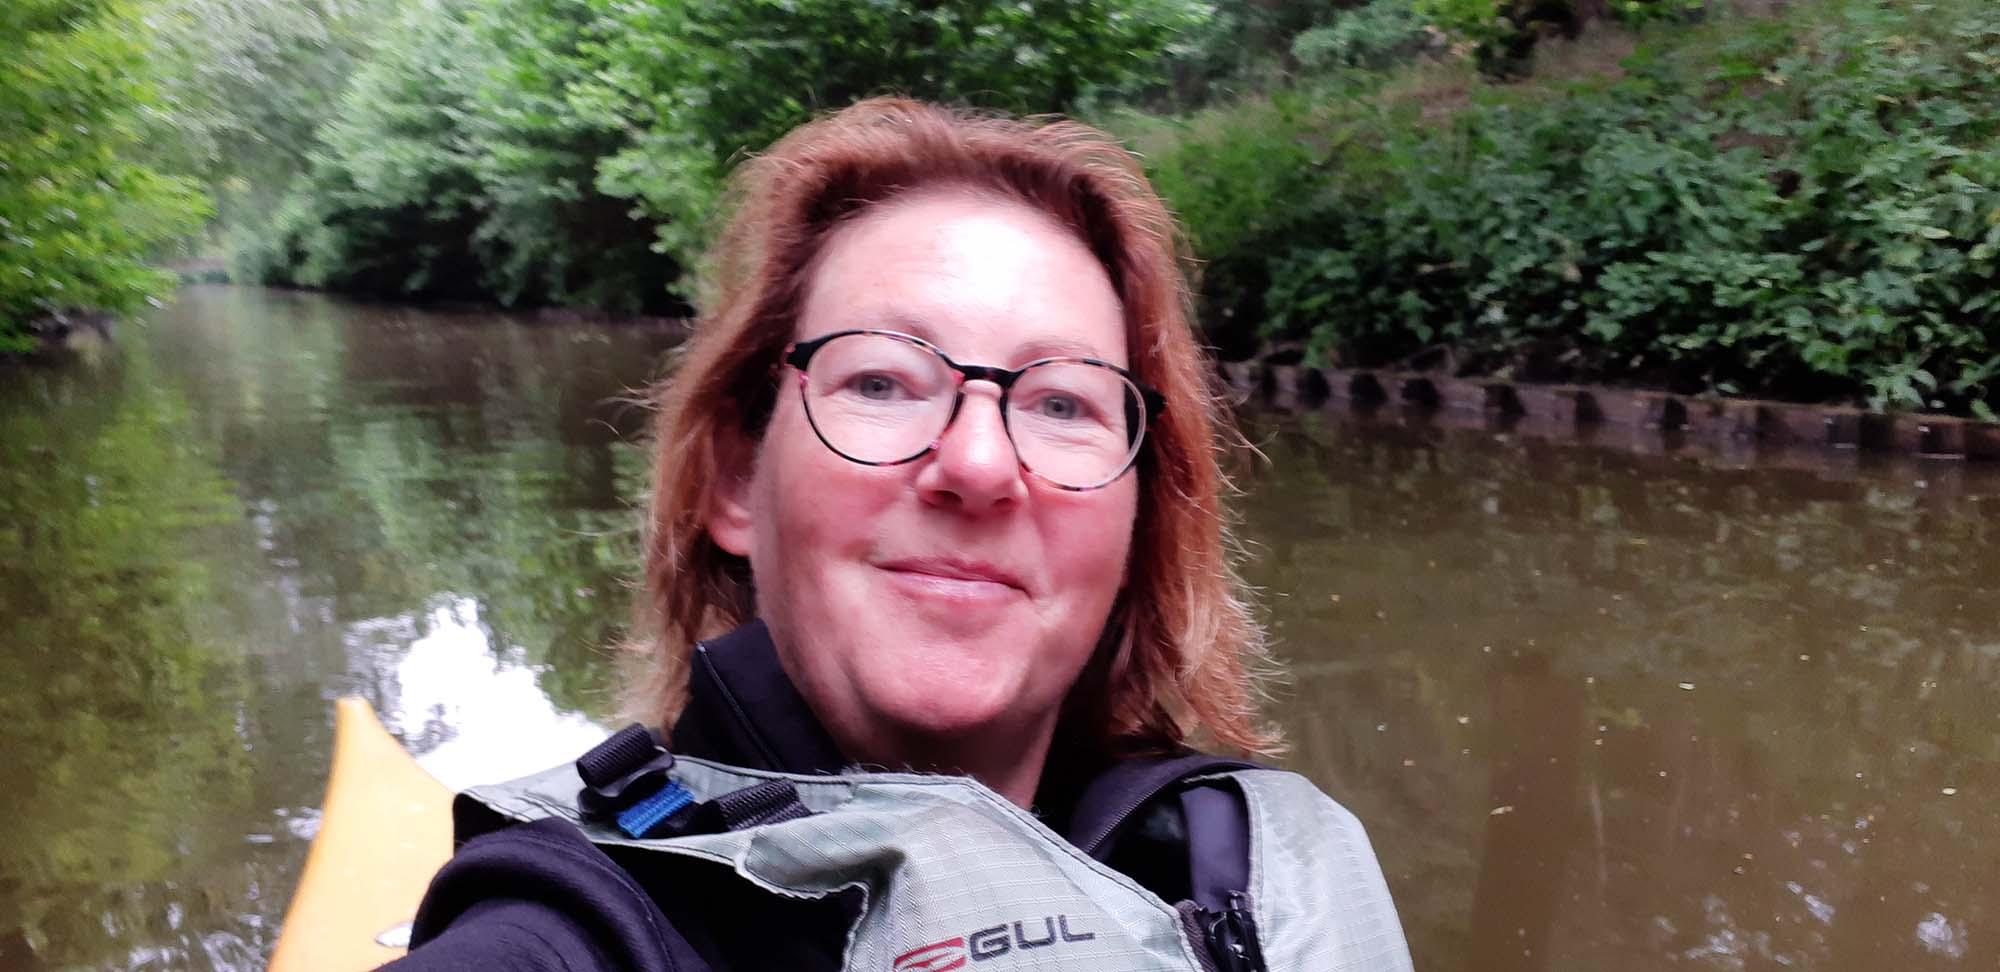 Kanoën rivier de Luts in Friesland